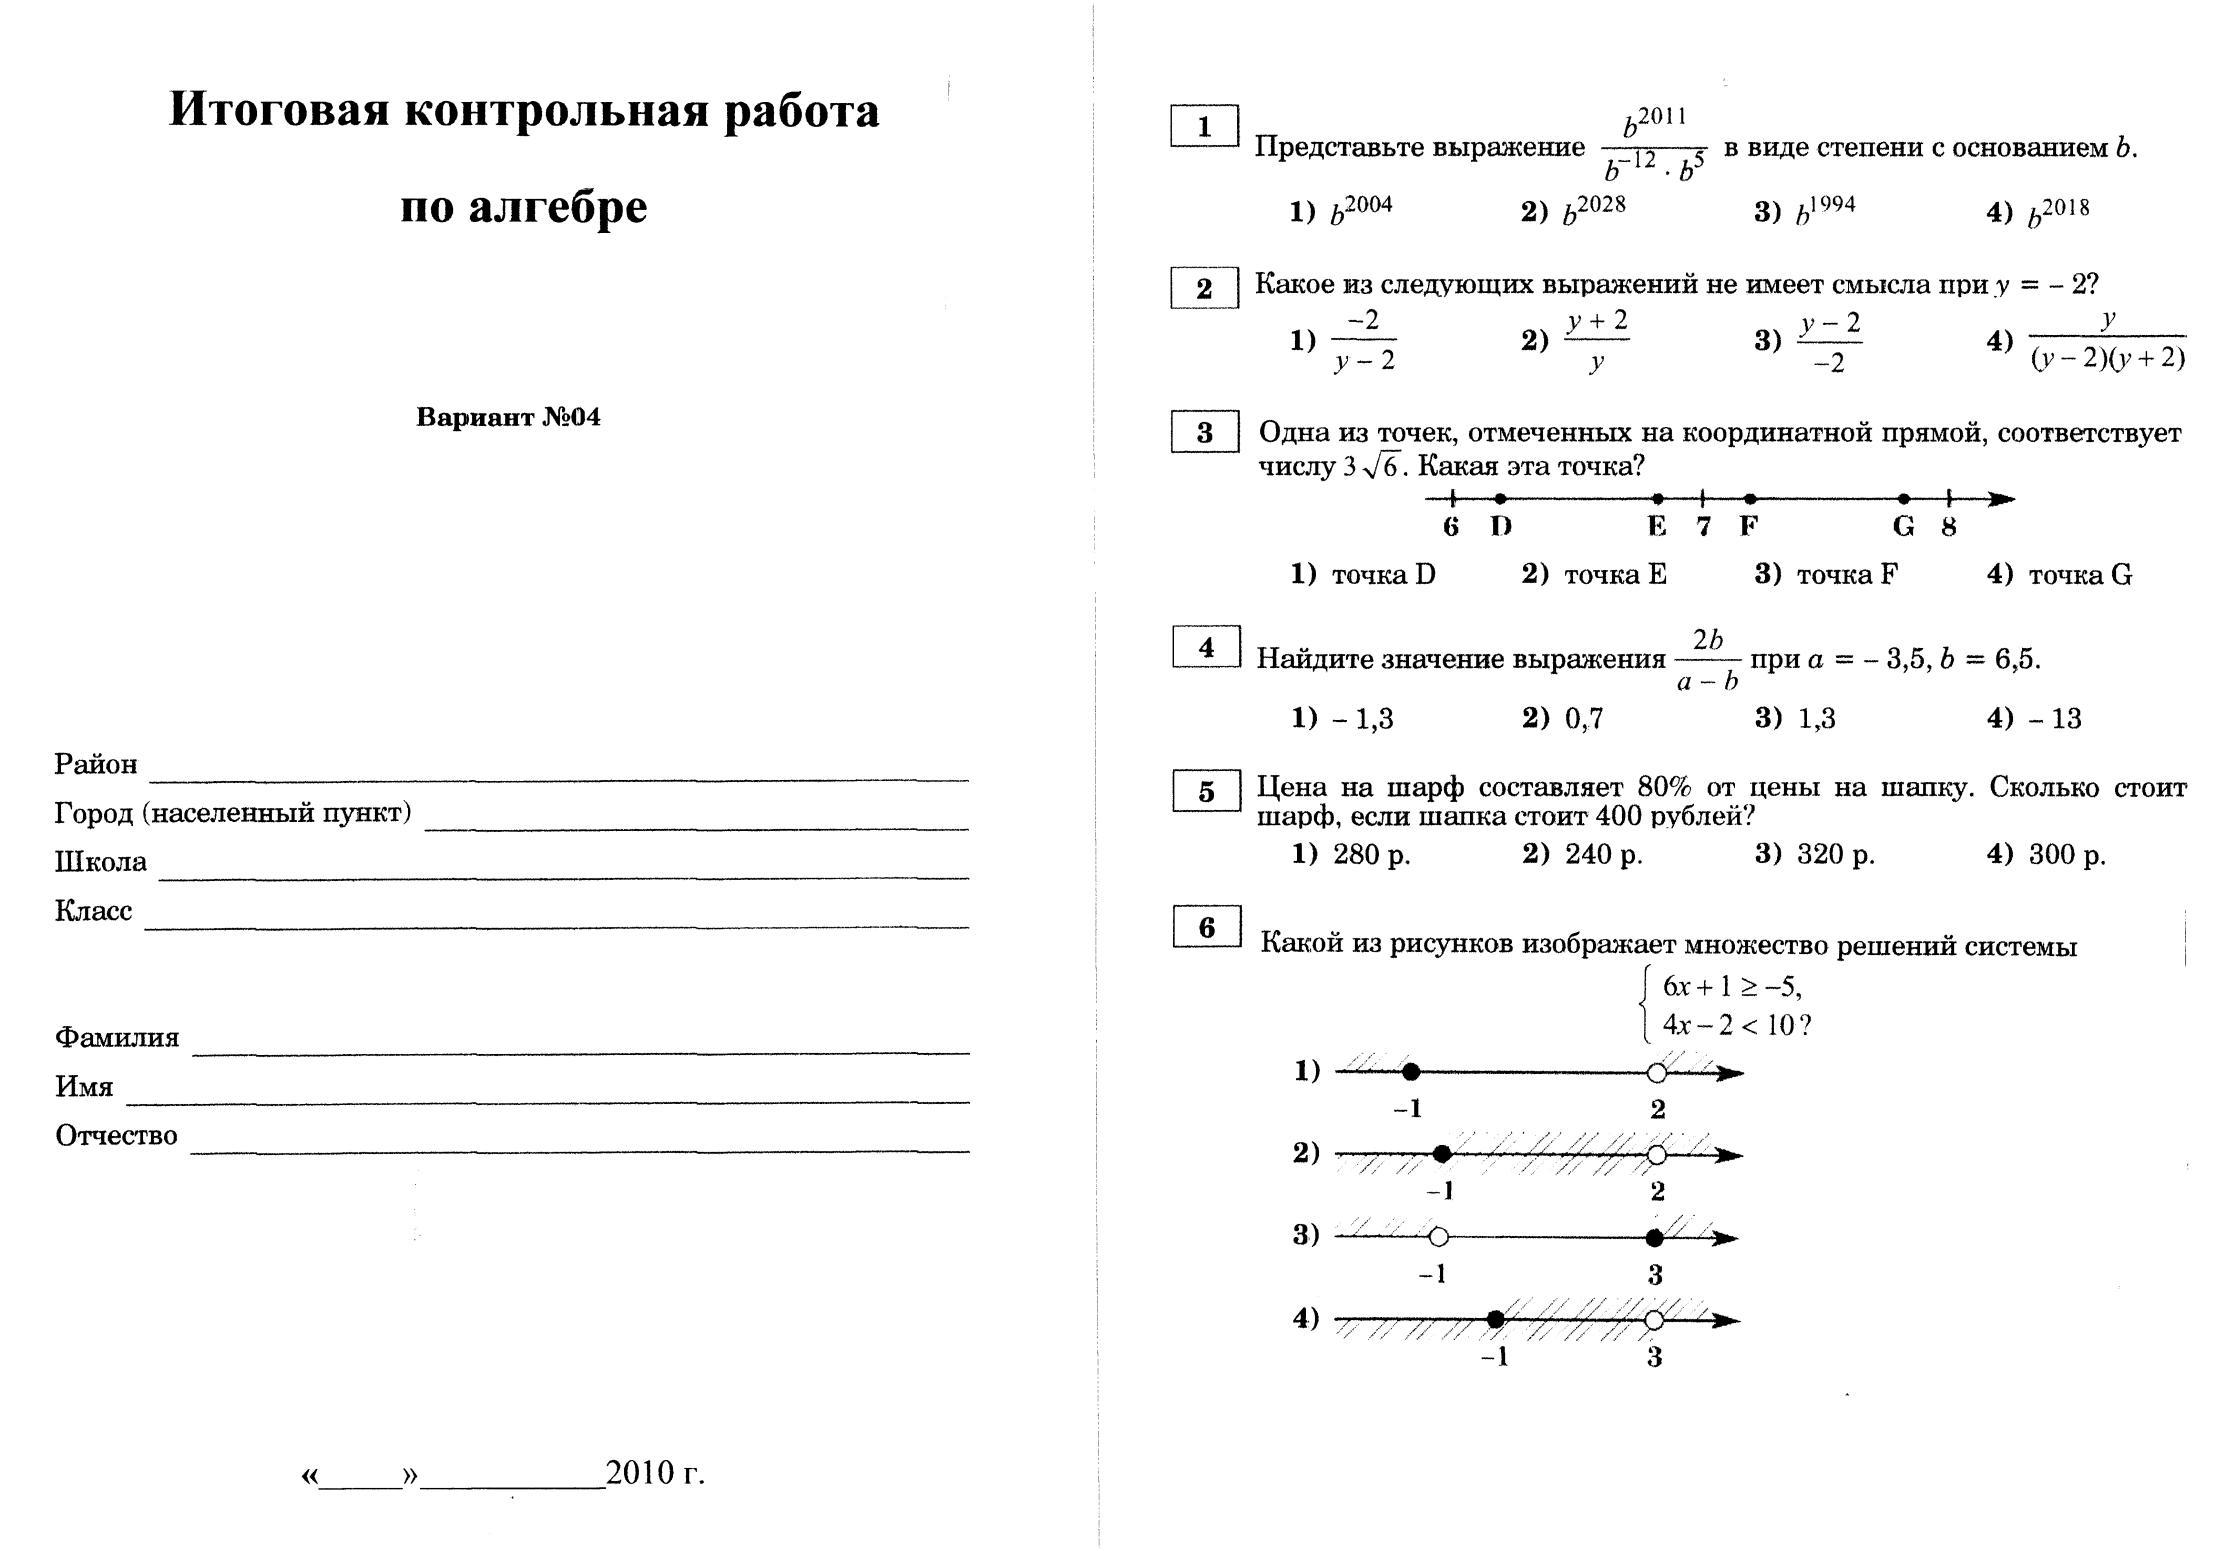 Ответы на контрольные работы по алгебре 9 класса л.а александрова издани 4 2017год